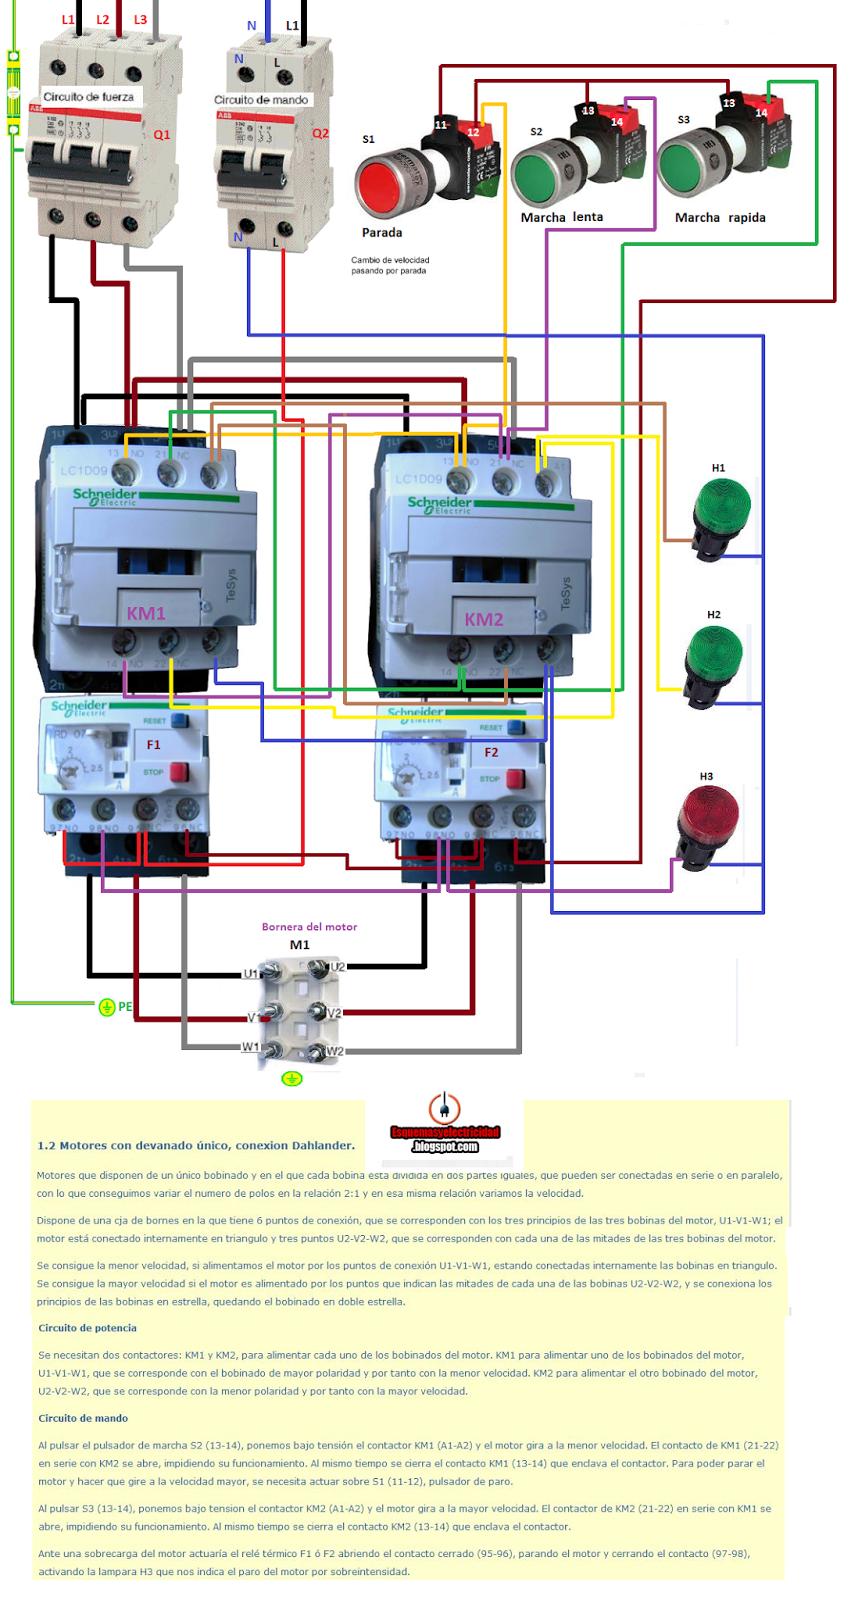 Outstanding Esquemas Electricos Motor Con Devanado Unico Conexion Dahlander Wiring Digital Resources Ntnesshebarightsorg